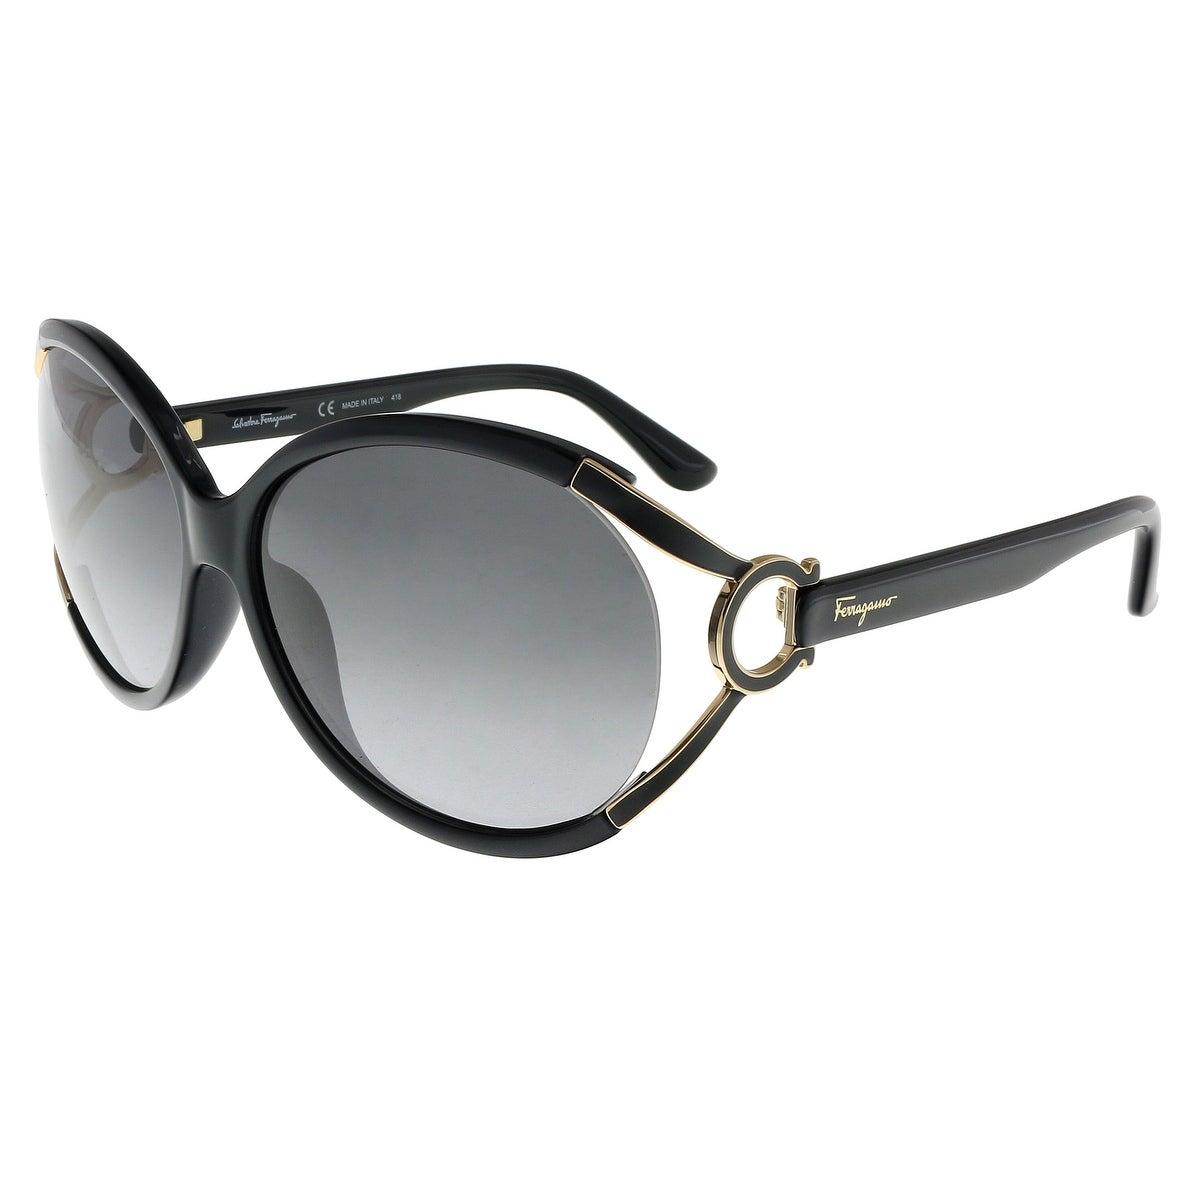 f09b11fead3 Salvatore Ferragamo Women s Sunglasses